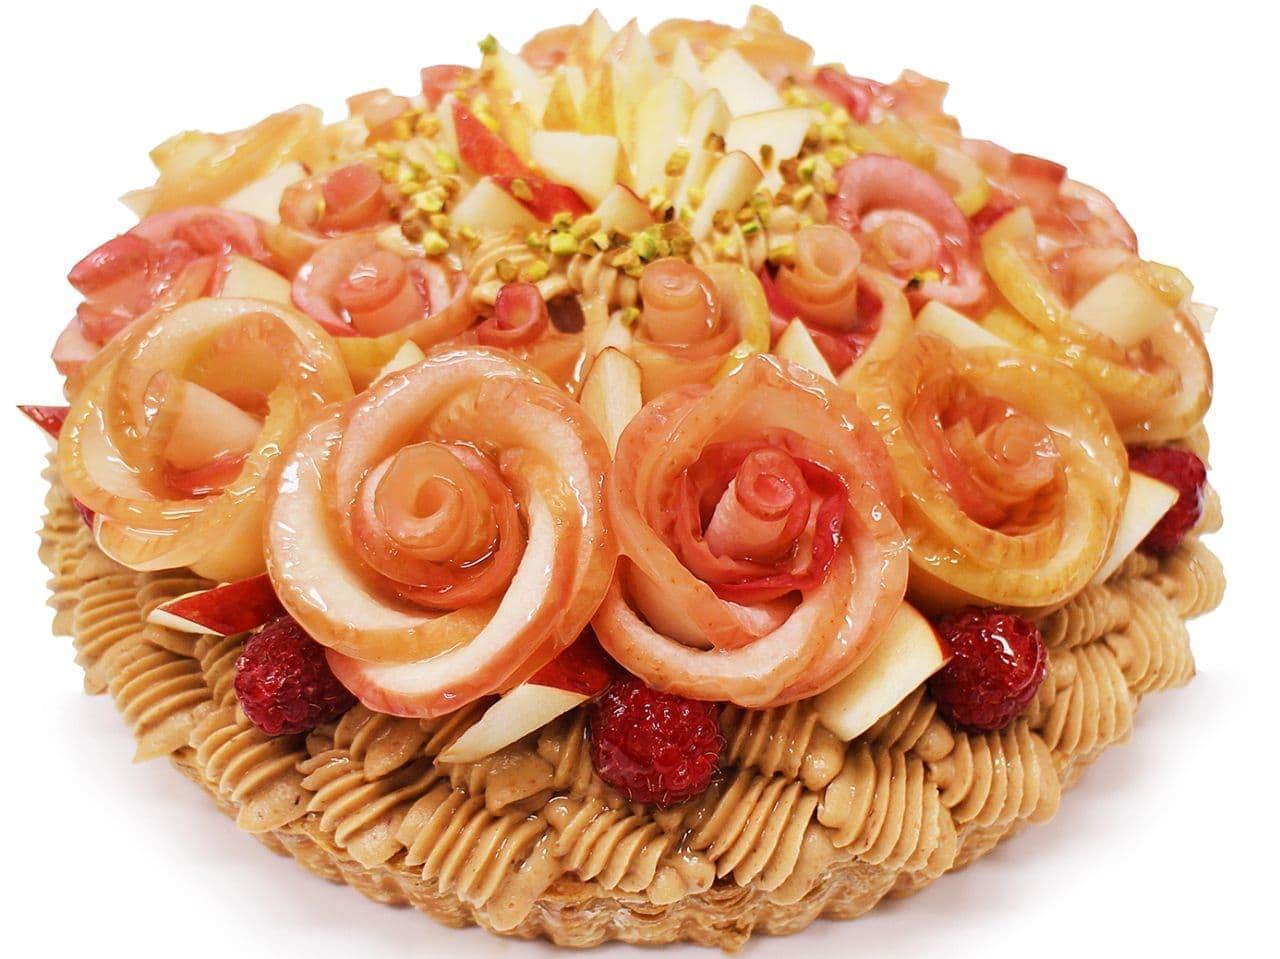 カフェコムサ「青森県産「紅玉(こうぎょく)」りんご アップルローズのキャラメルモンブラン」